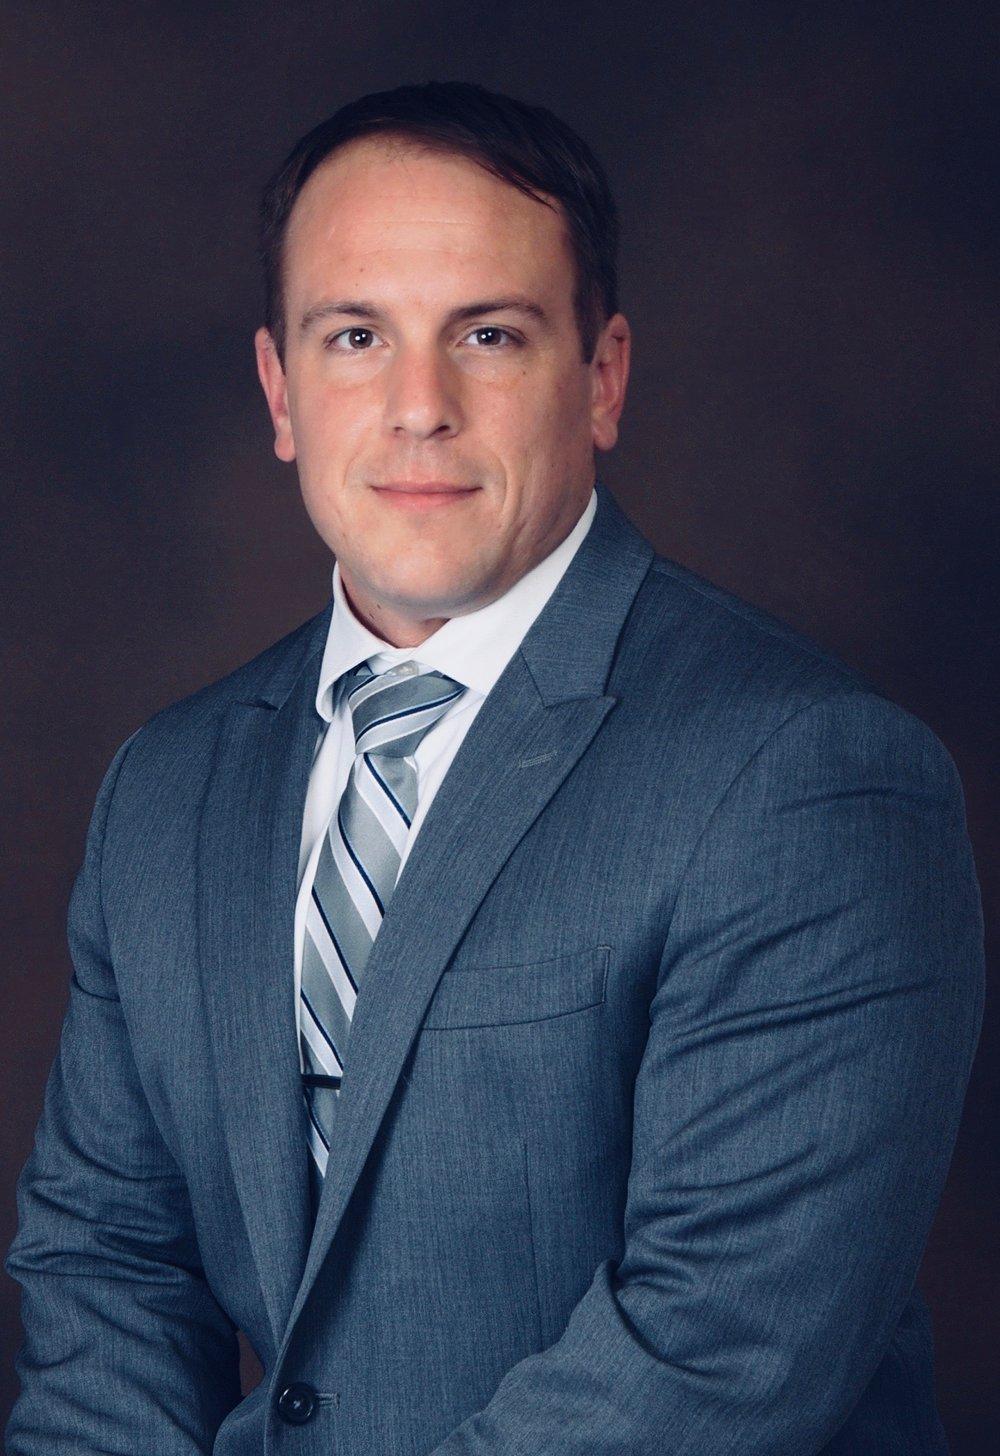 Matthew S. Warren - mattheww@nicklauslaw.com